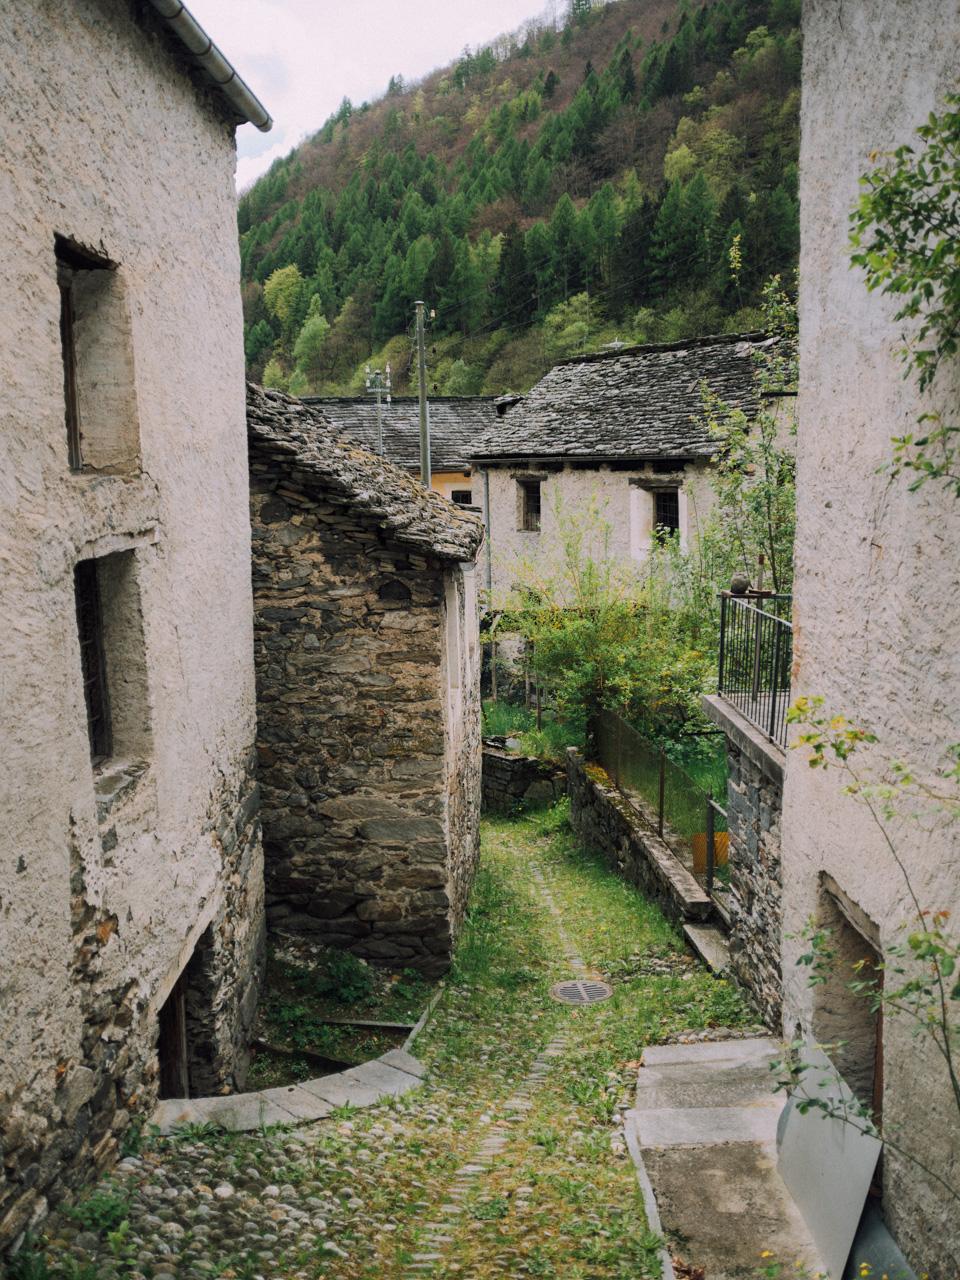 Location: Prato Sornico